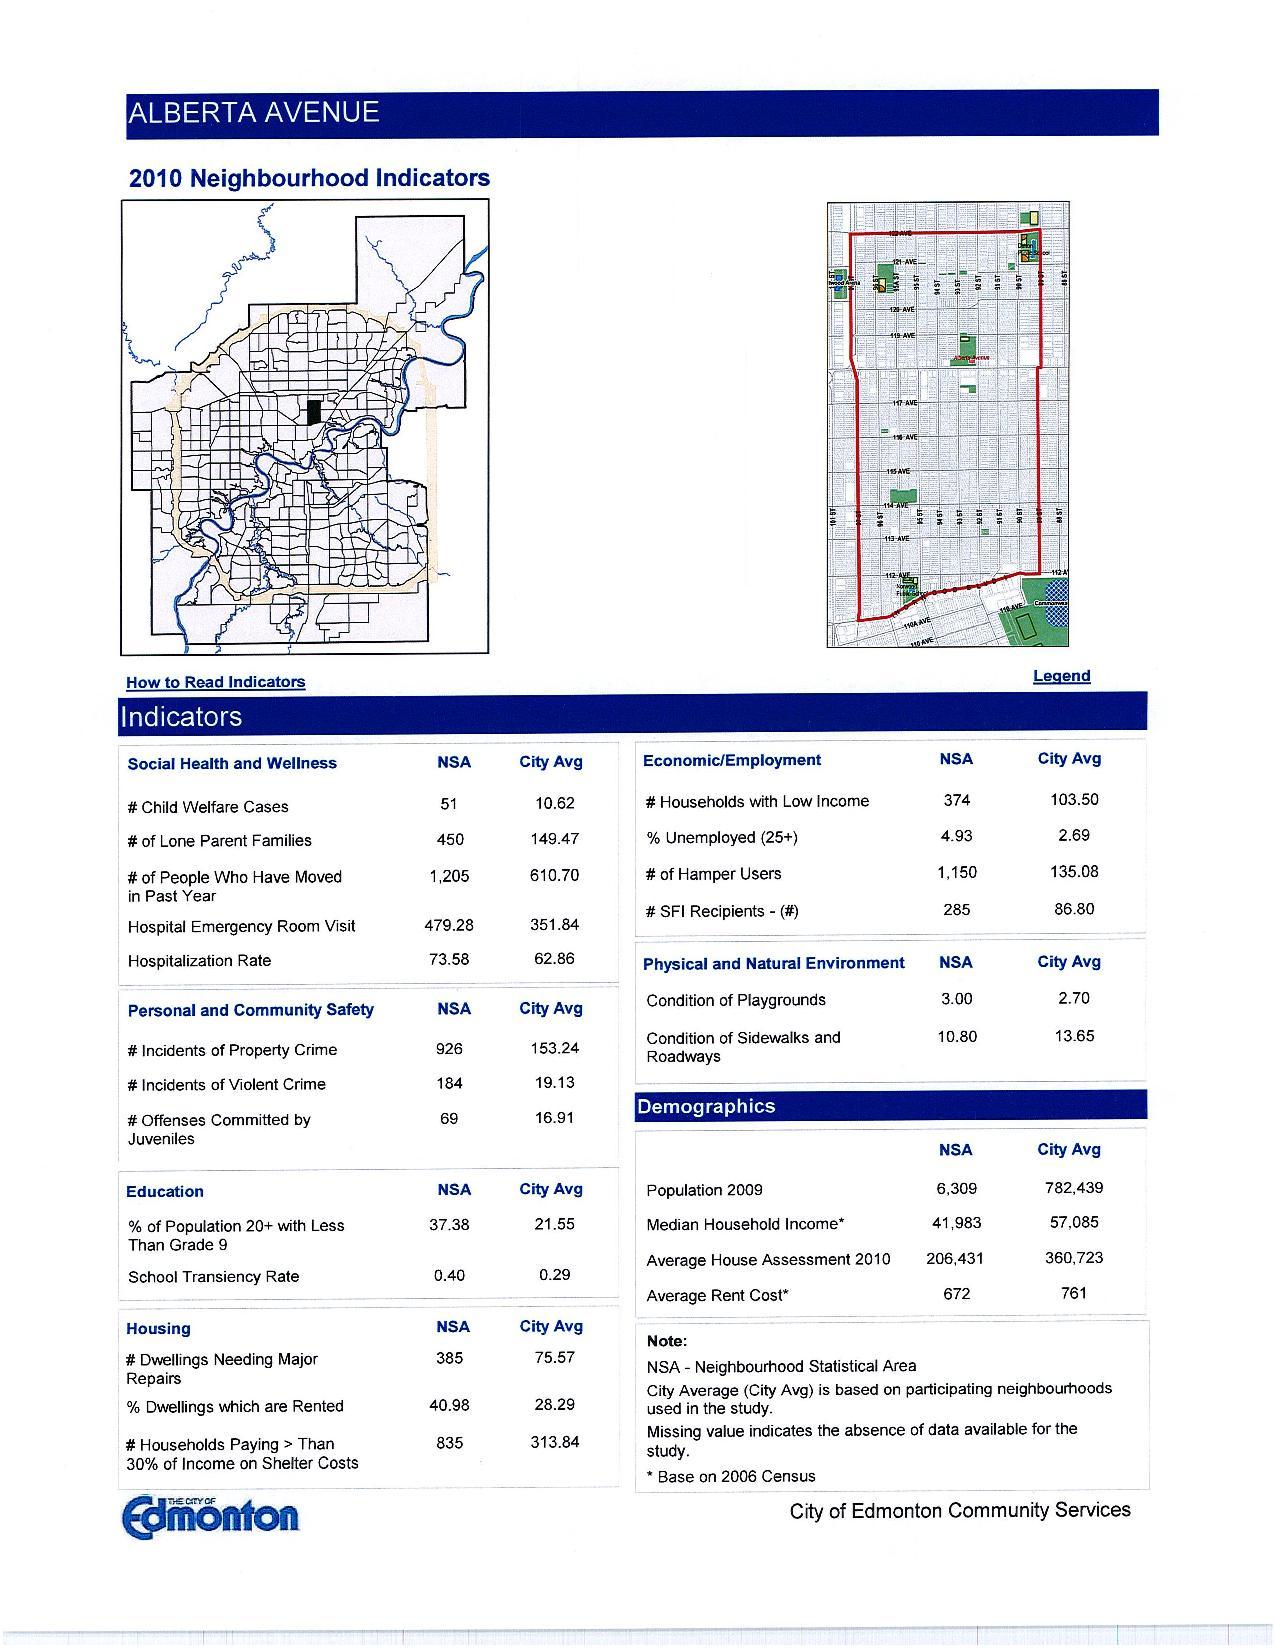 Alberta Avenue statistics